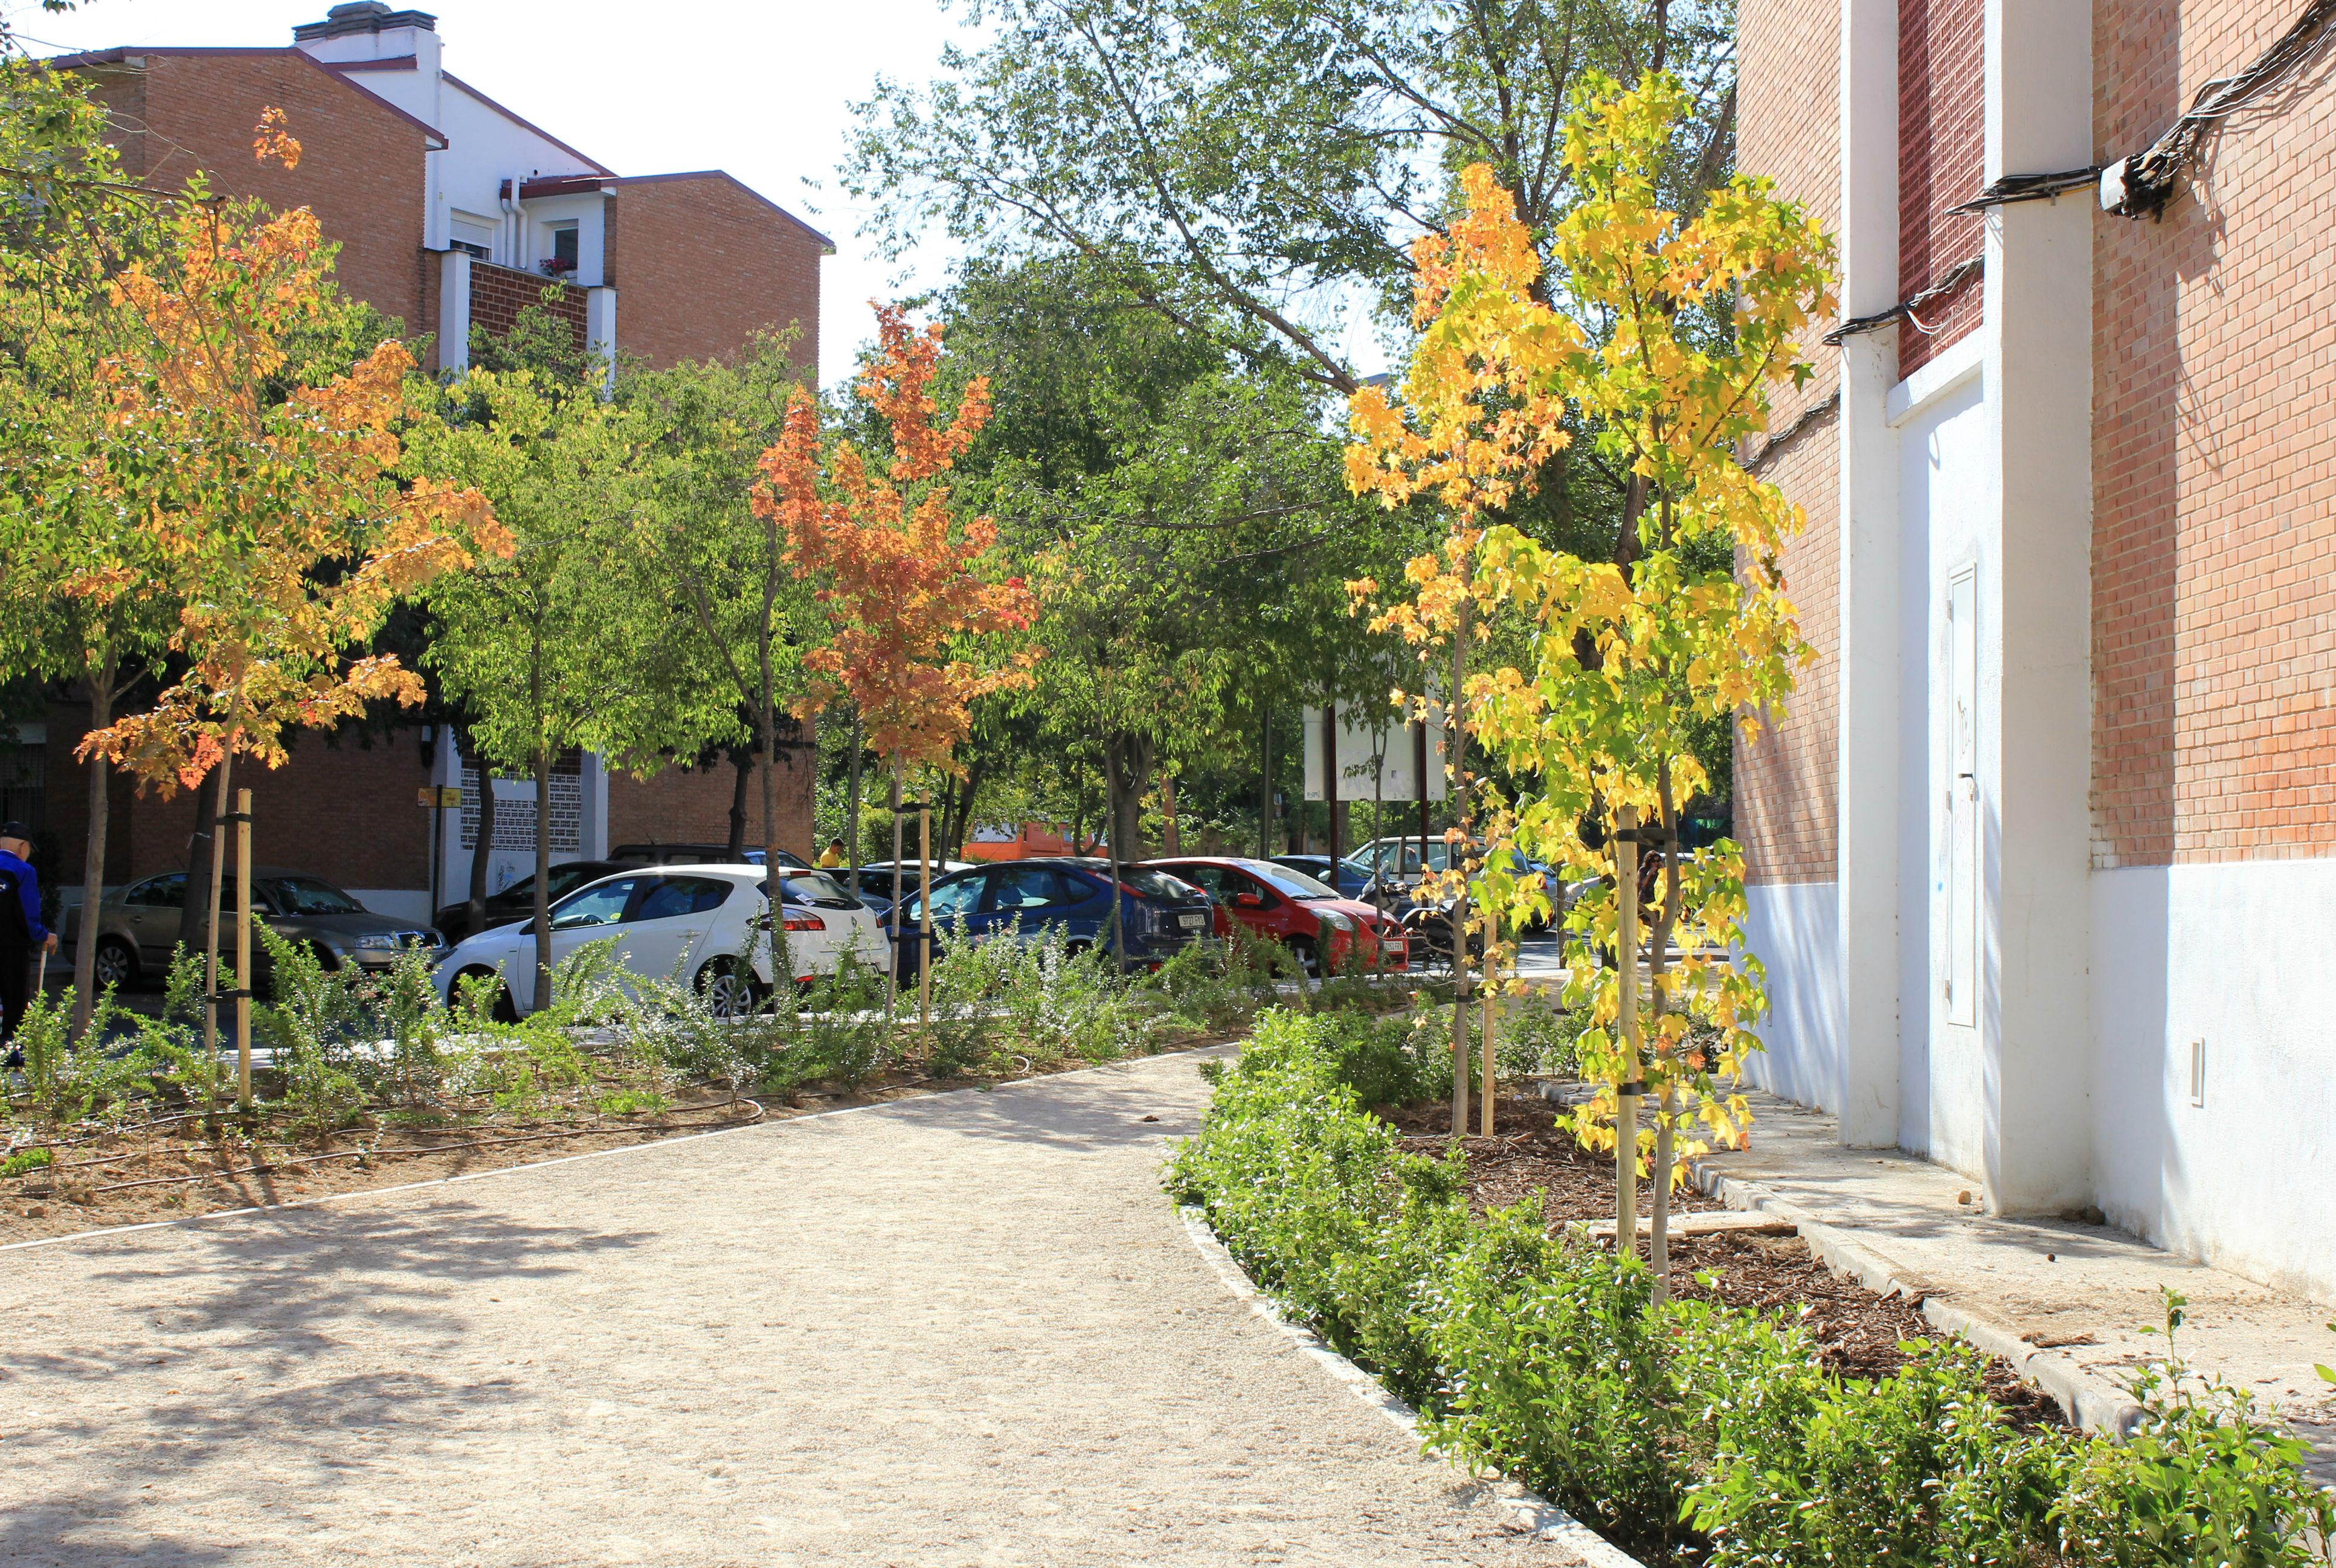 Qu estamos haciendo en las zonas verdes de ciudad pegaso - Ciudad pegaso madrid ...